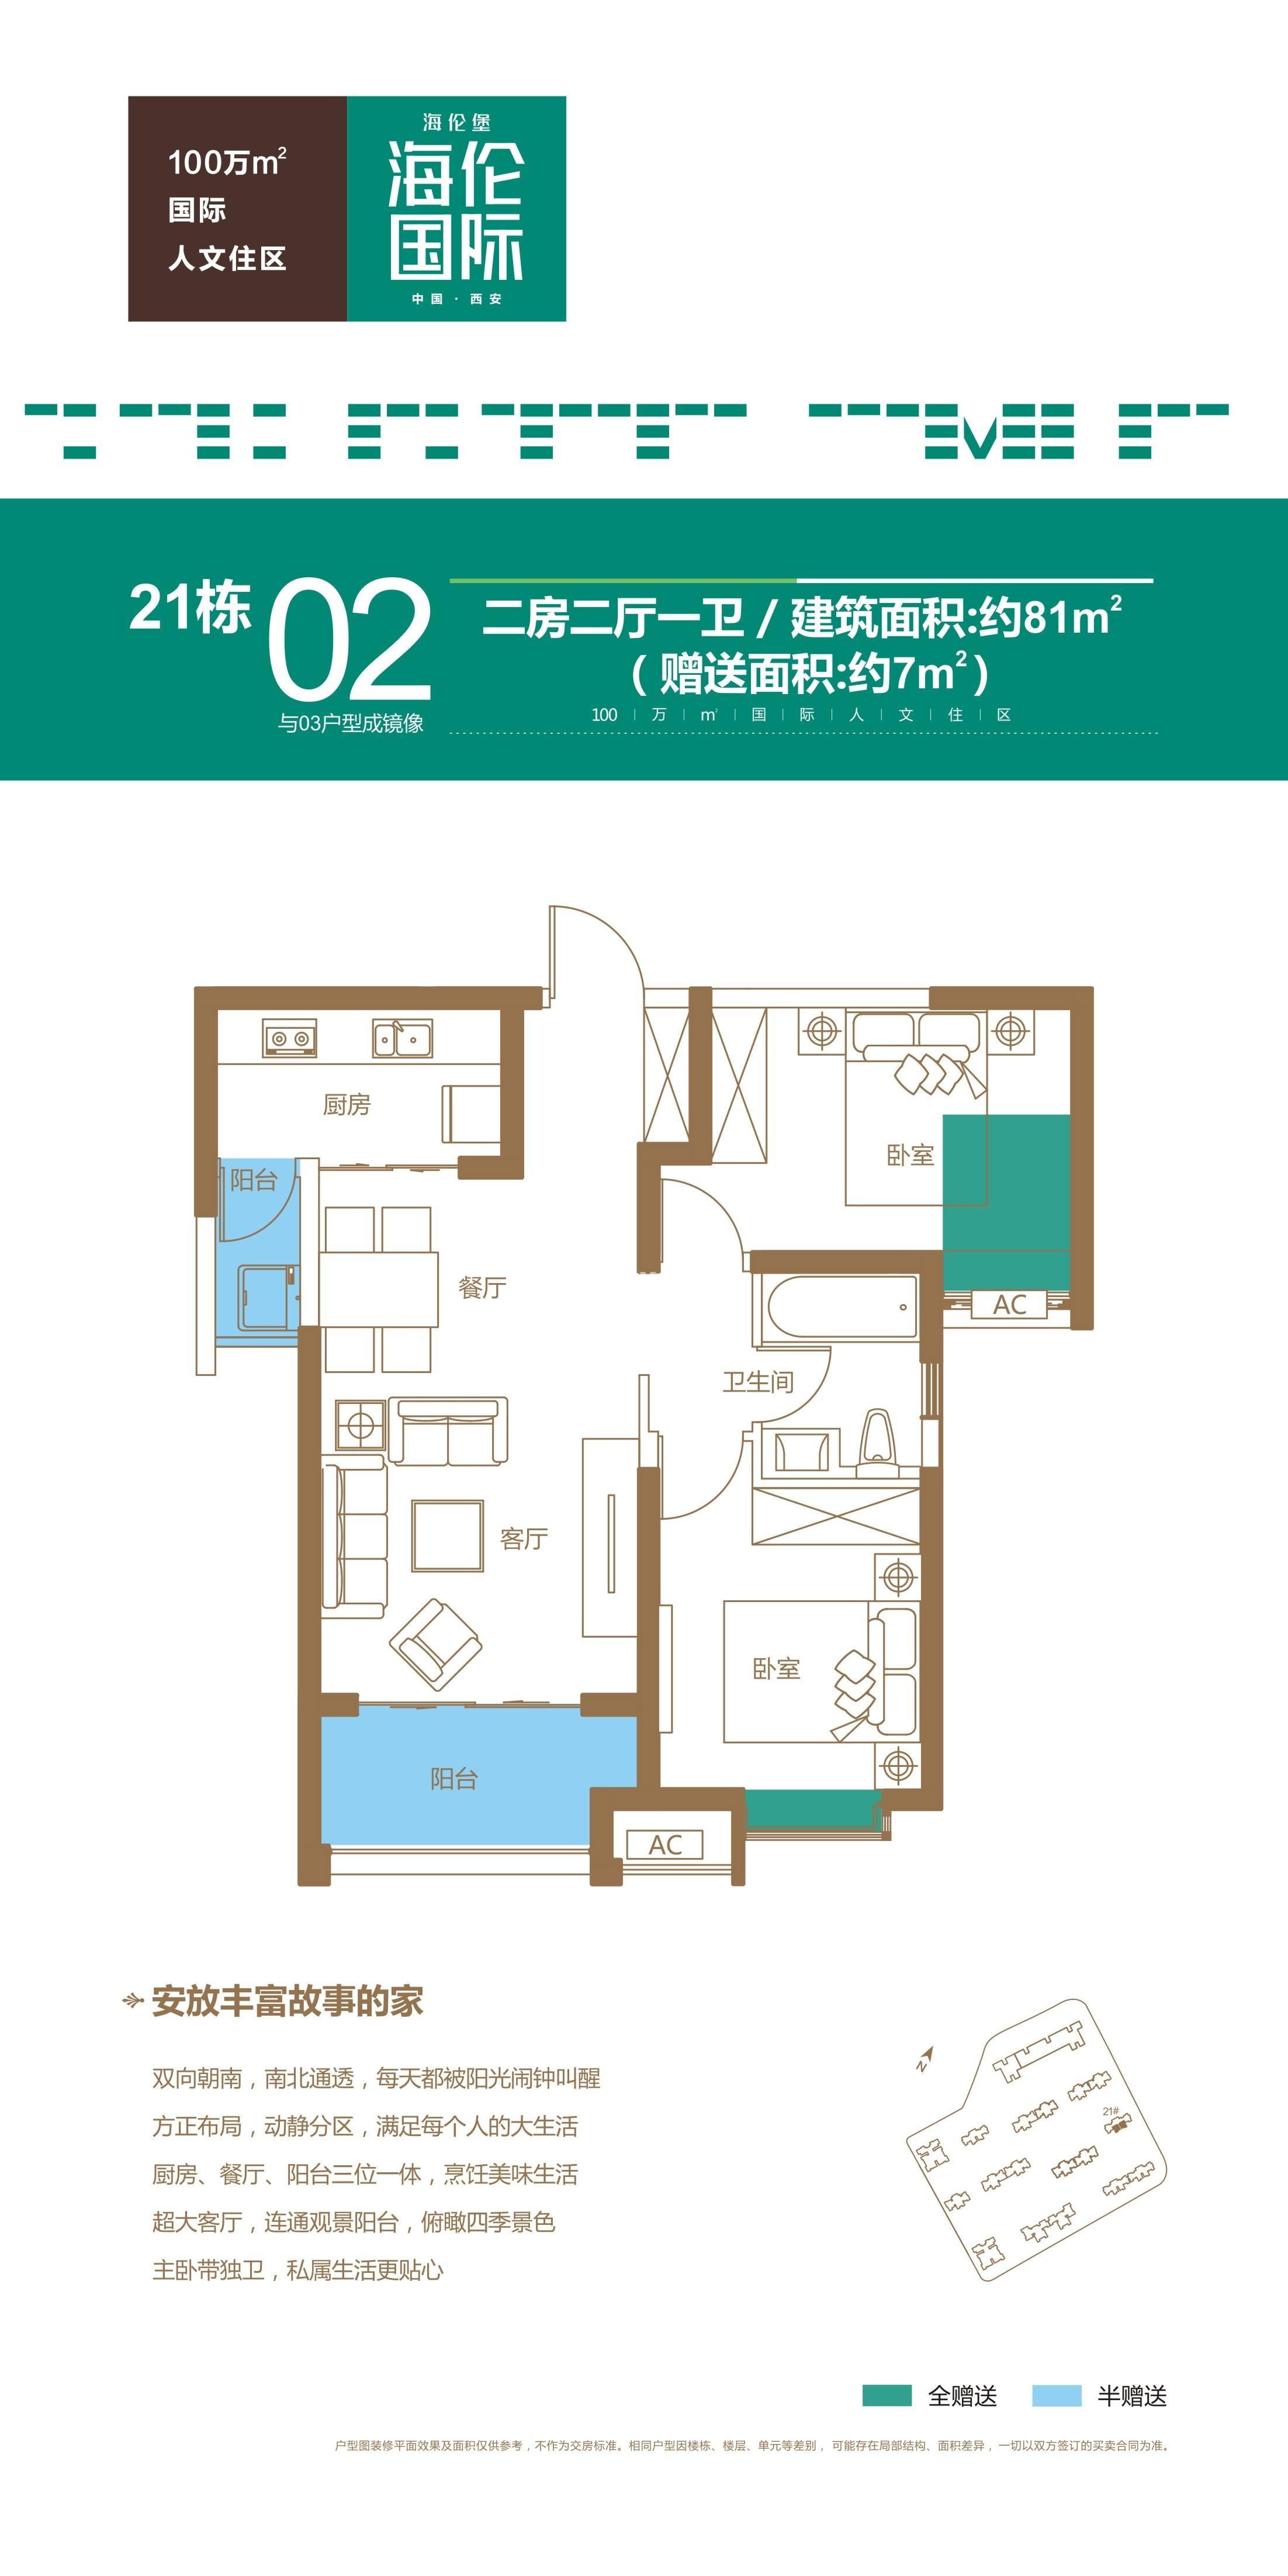 海伦国际21栋02两室两厅两卫81平米户型图